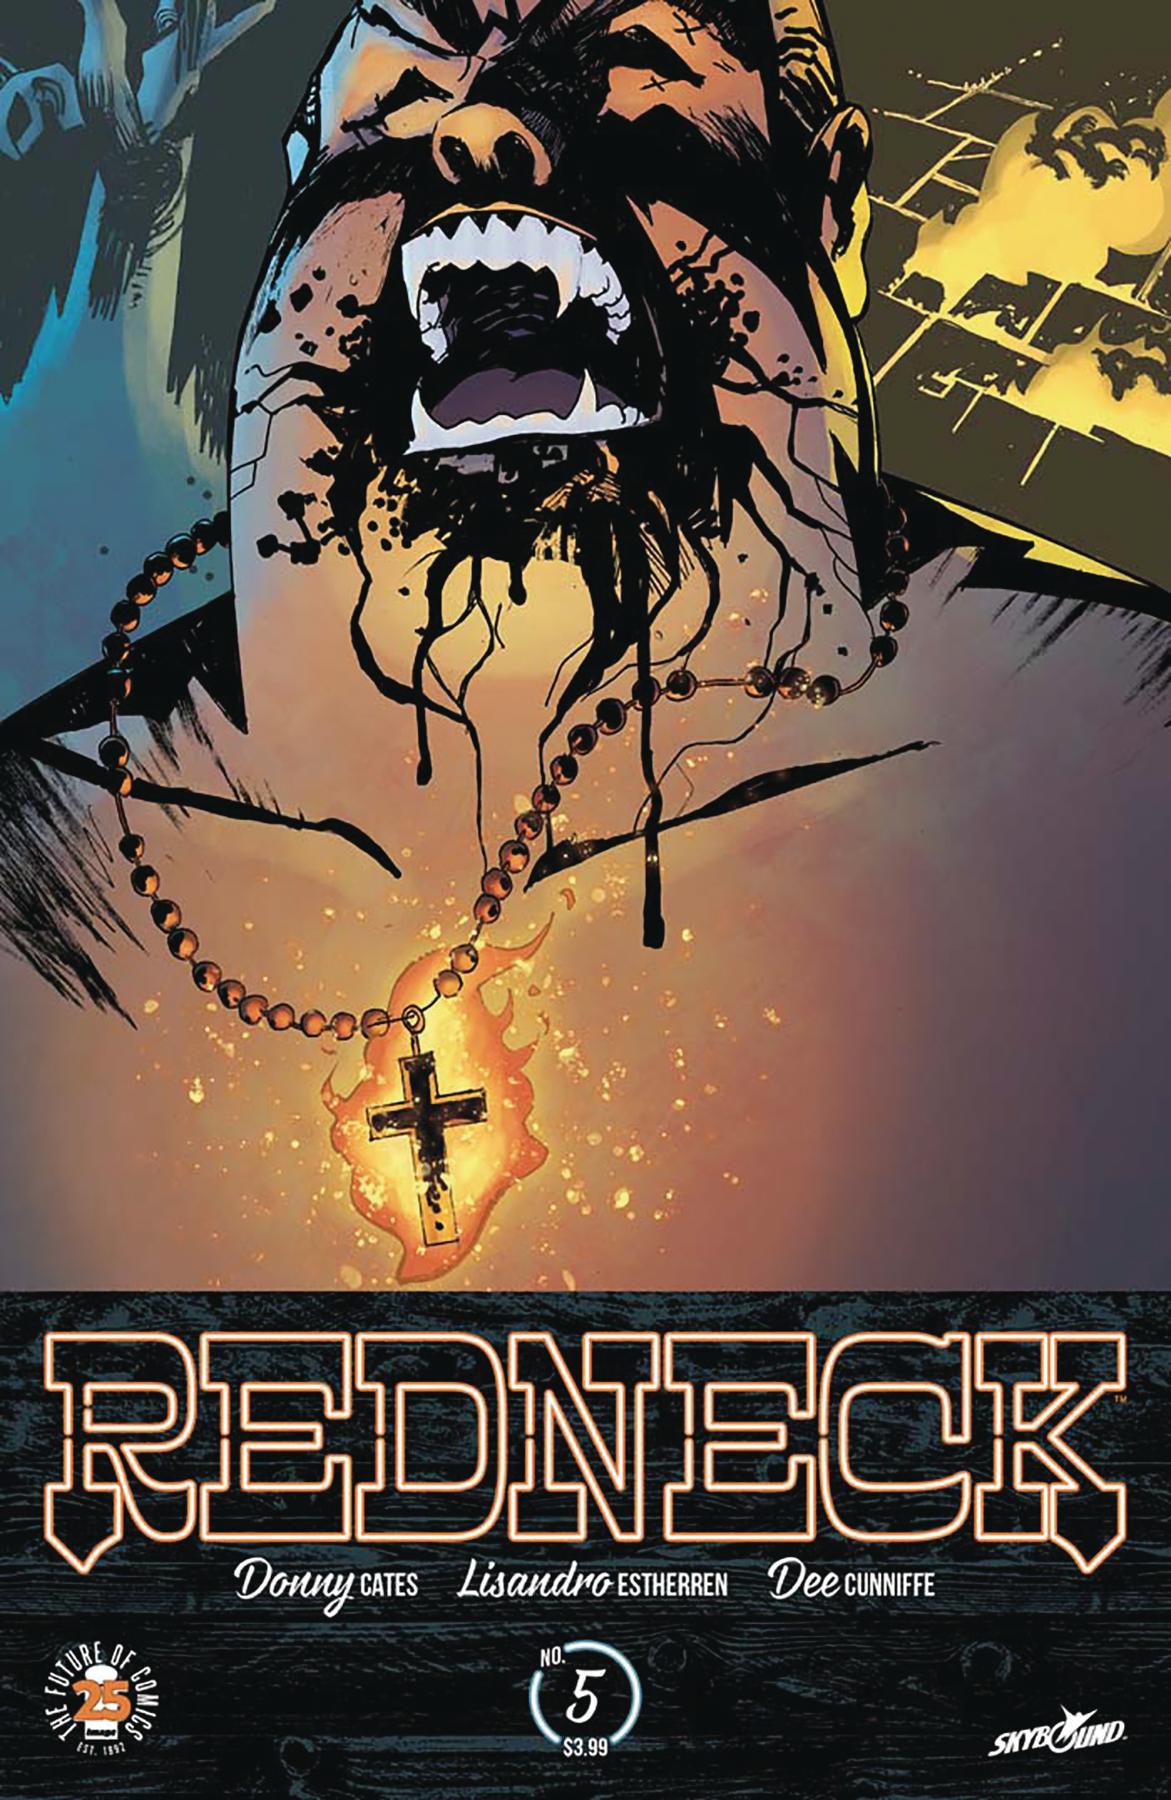 Lisandro Estherren - Redneck #5 cover